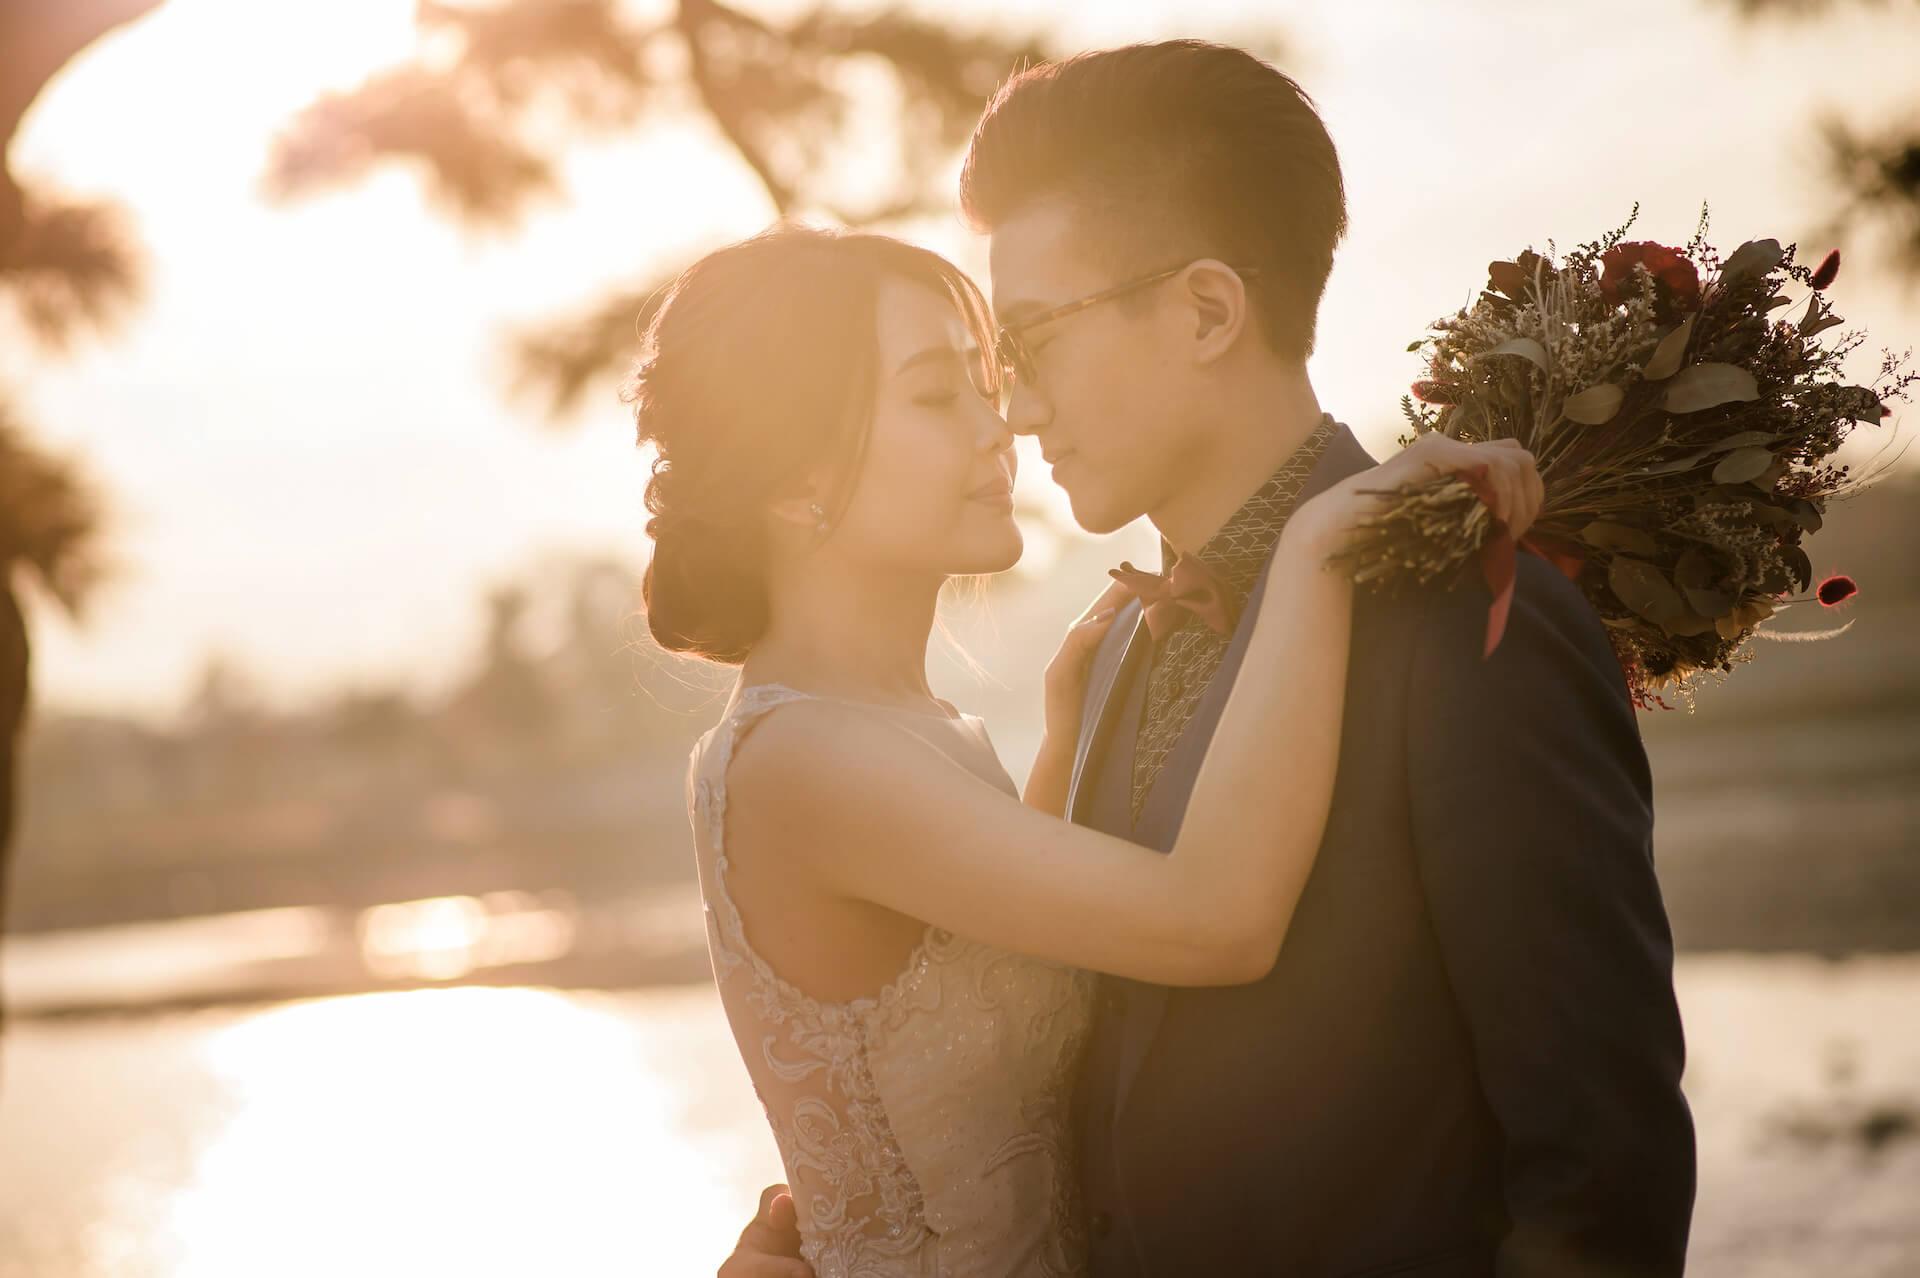 京都婚紗,嵐山婚紗,日本婚紗